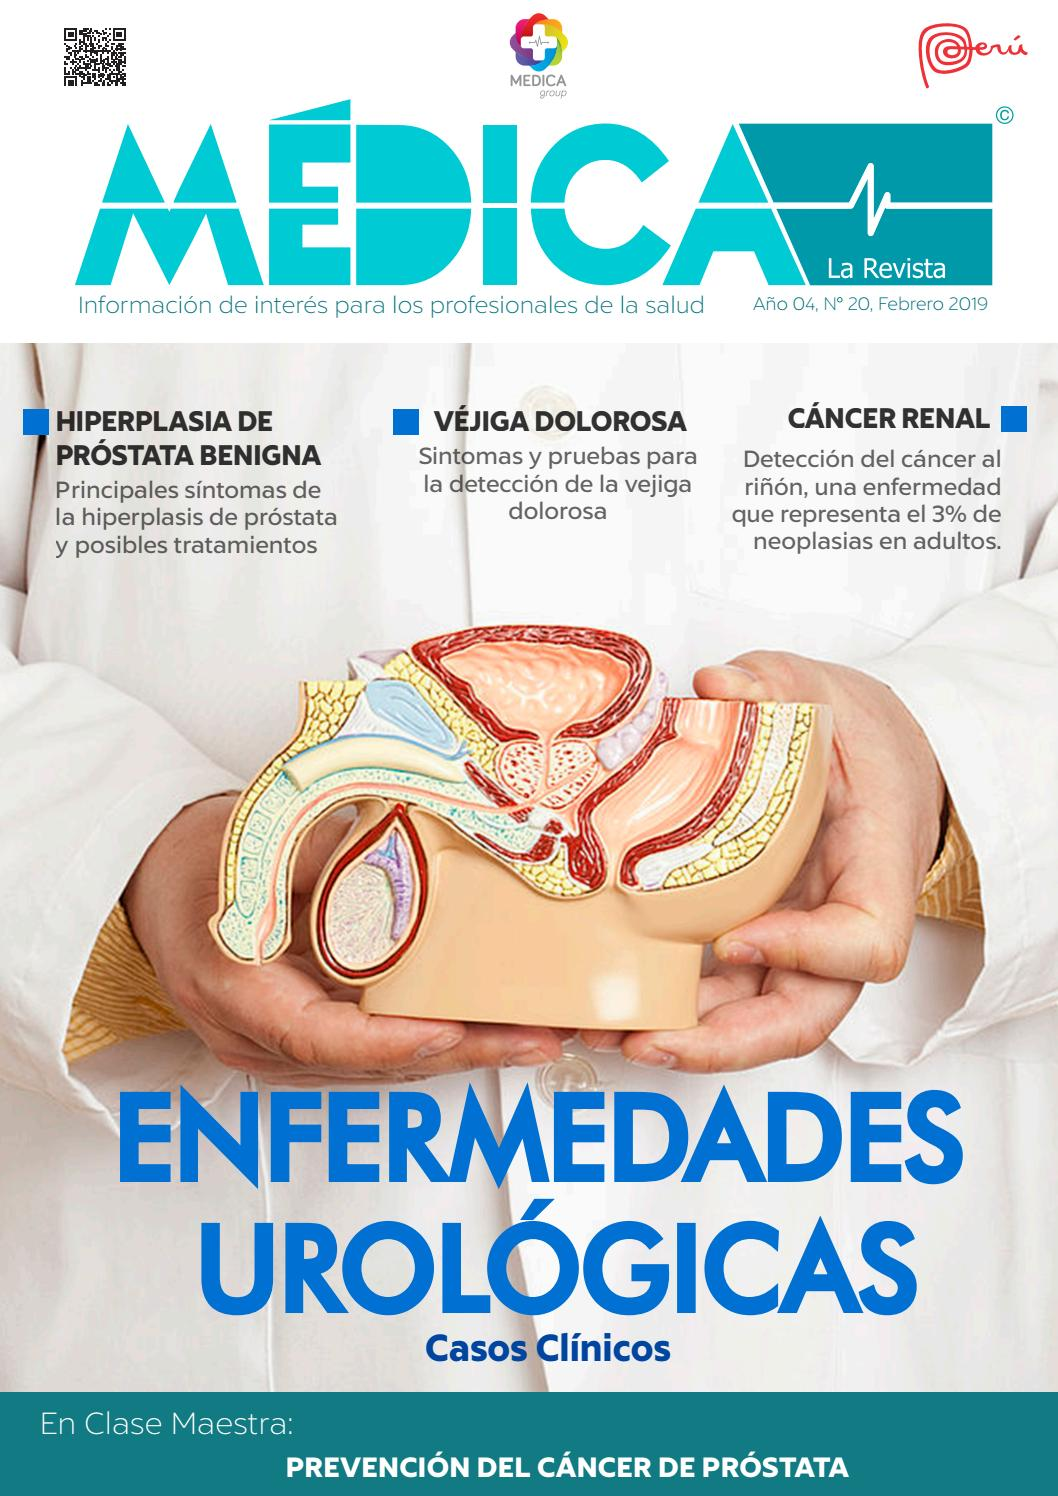 asociacion americana de urologia cancer de prostata